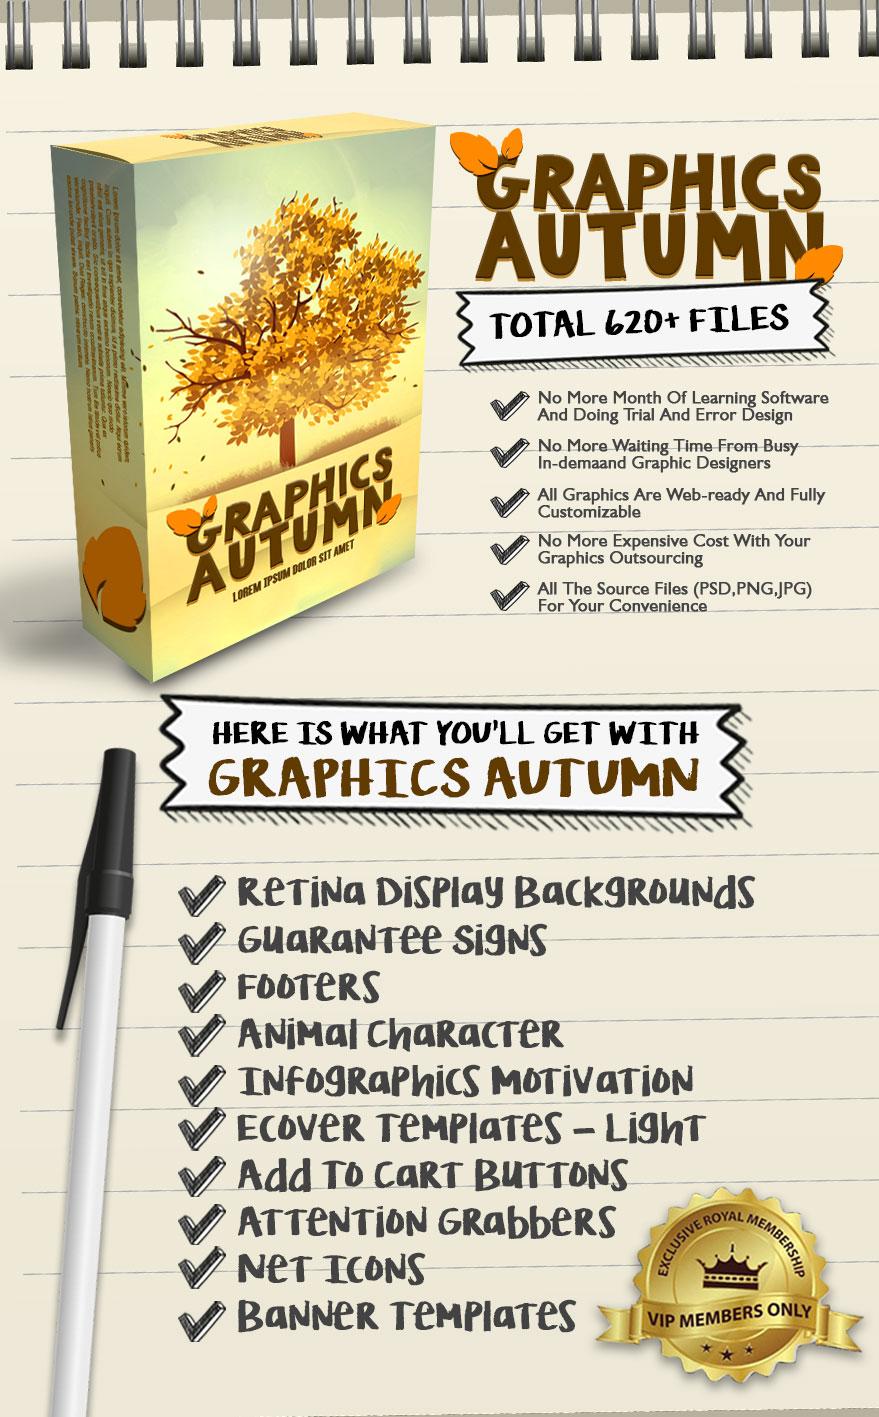 Exclusive Bonus Graphics Autumn